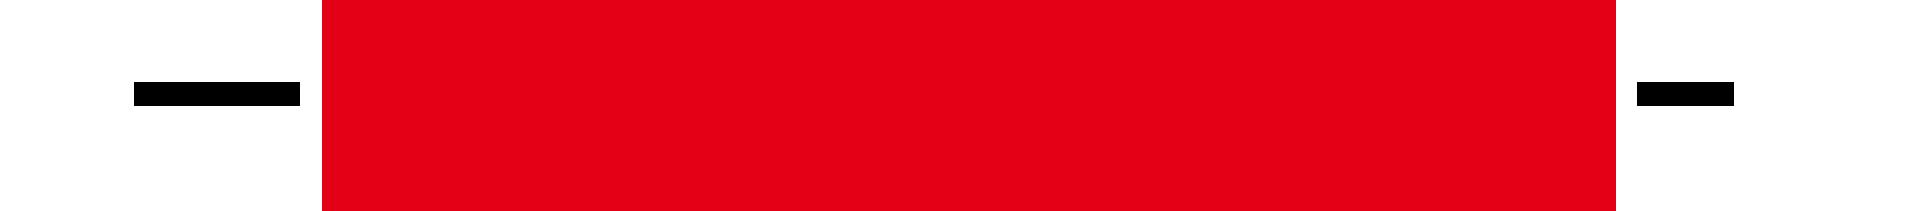 linia czerwona zapytanie - event